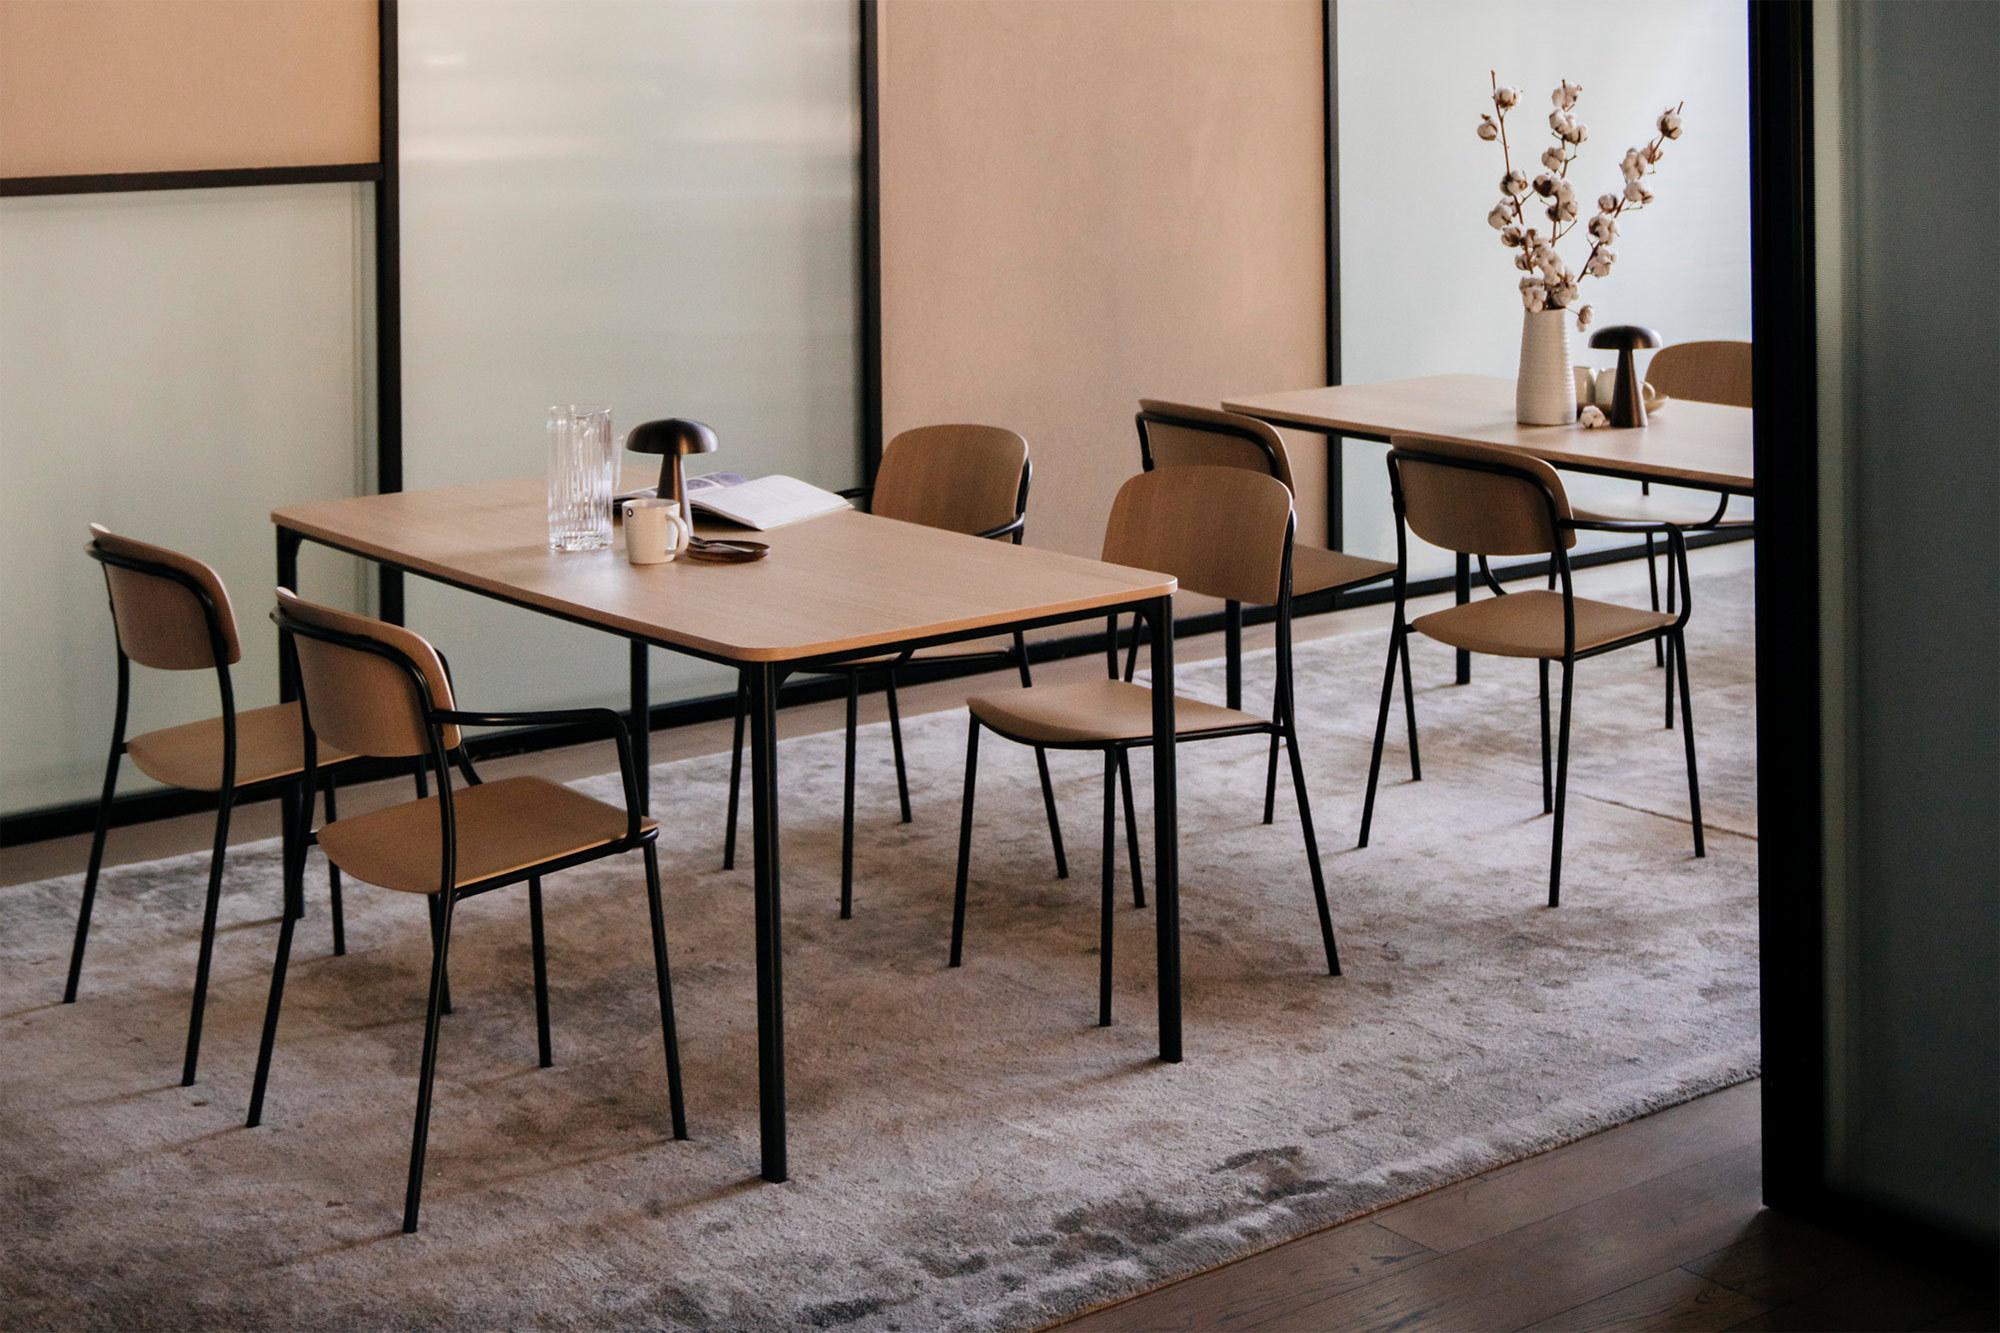 Kollektion nate s von Atelier Steffen Kehrle für den Möbelhersteller Brunner.